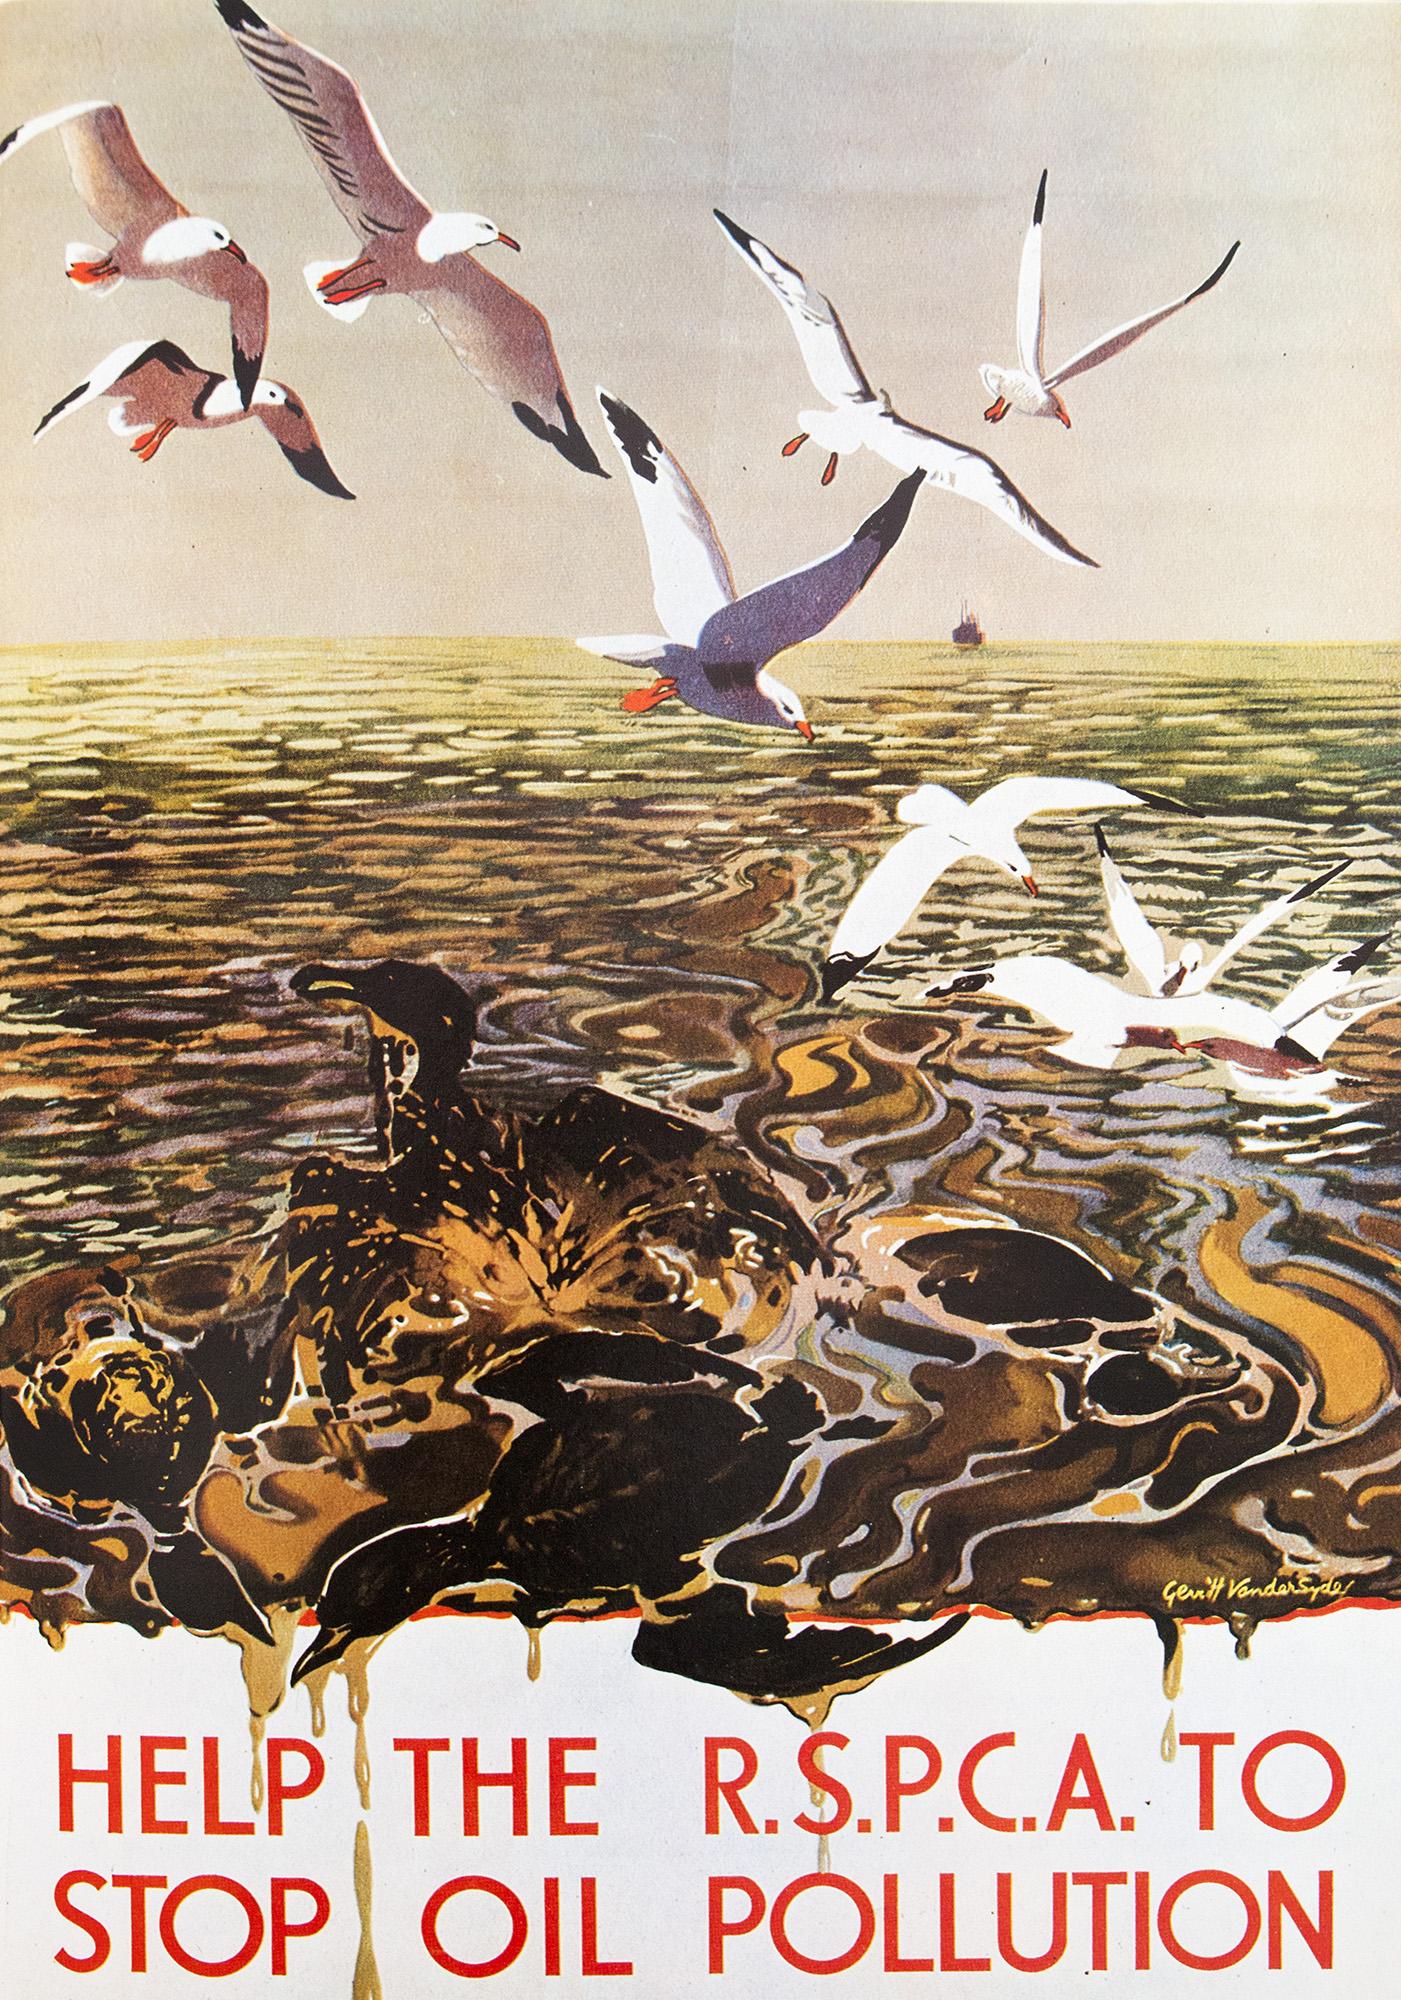 Geschichte-des-Plakats-Ölverschmutzung